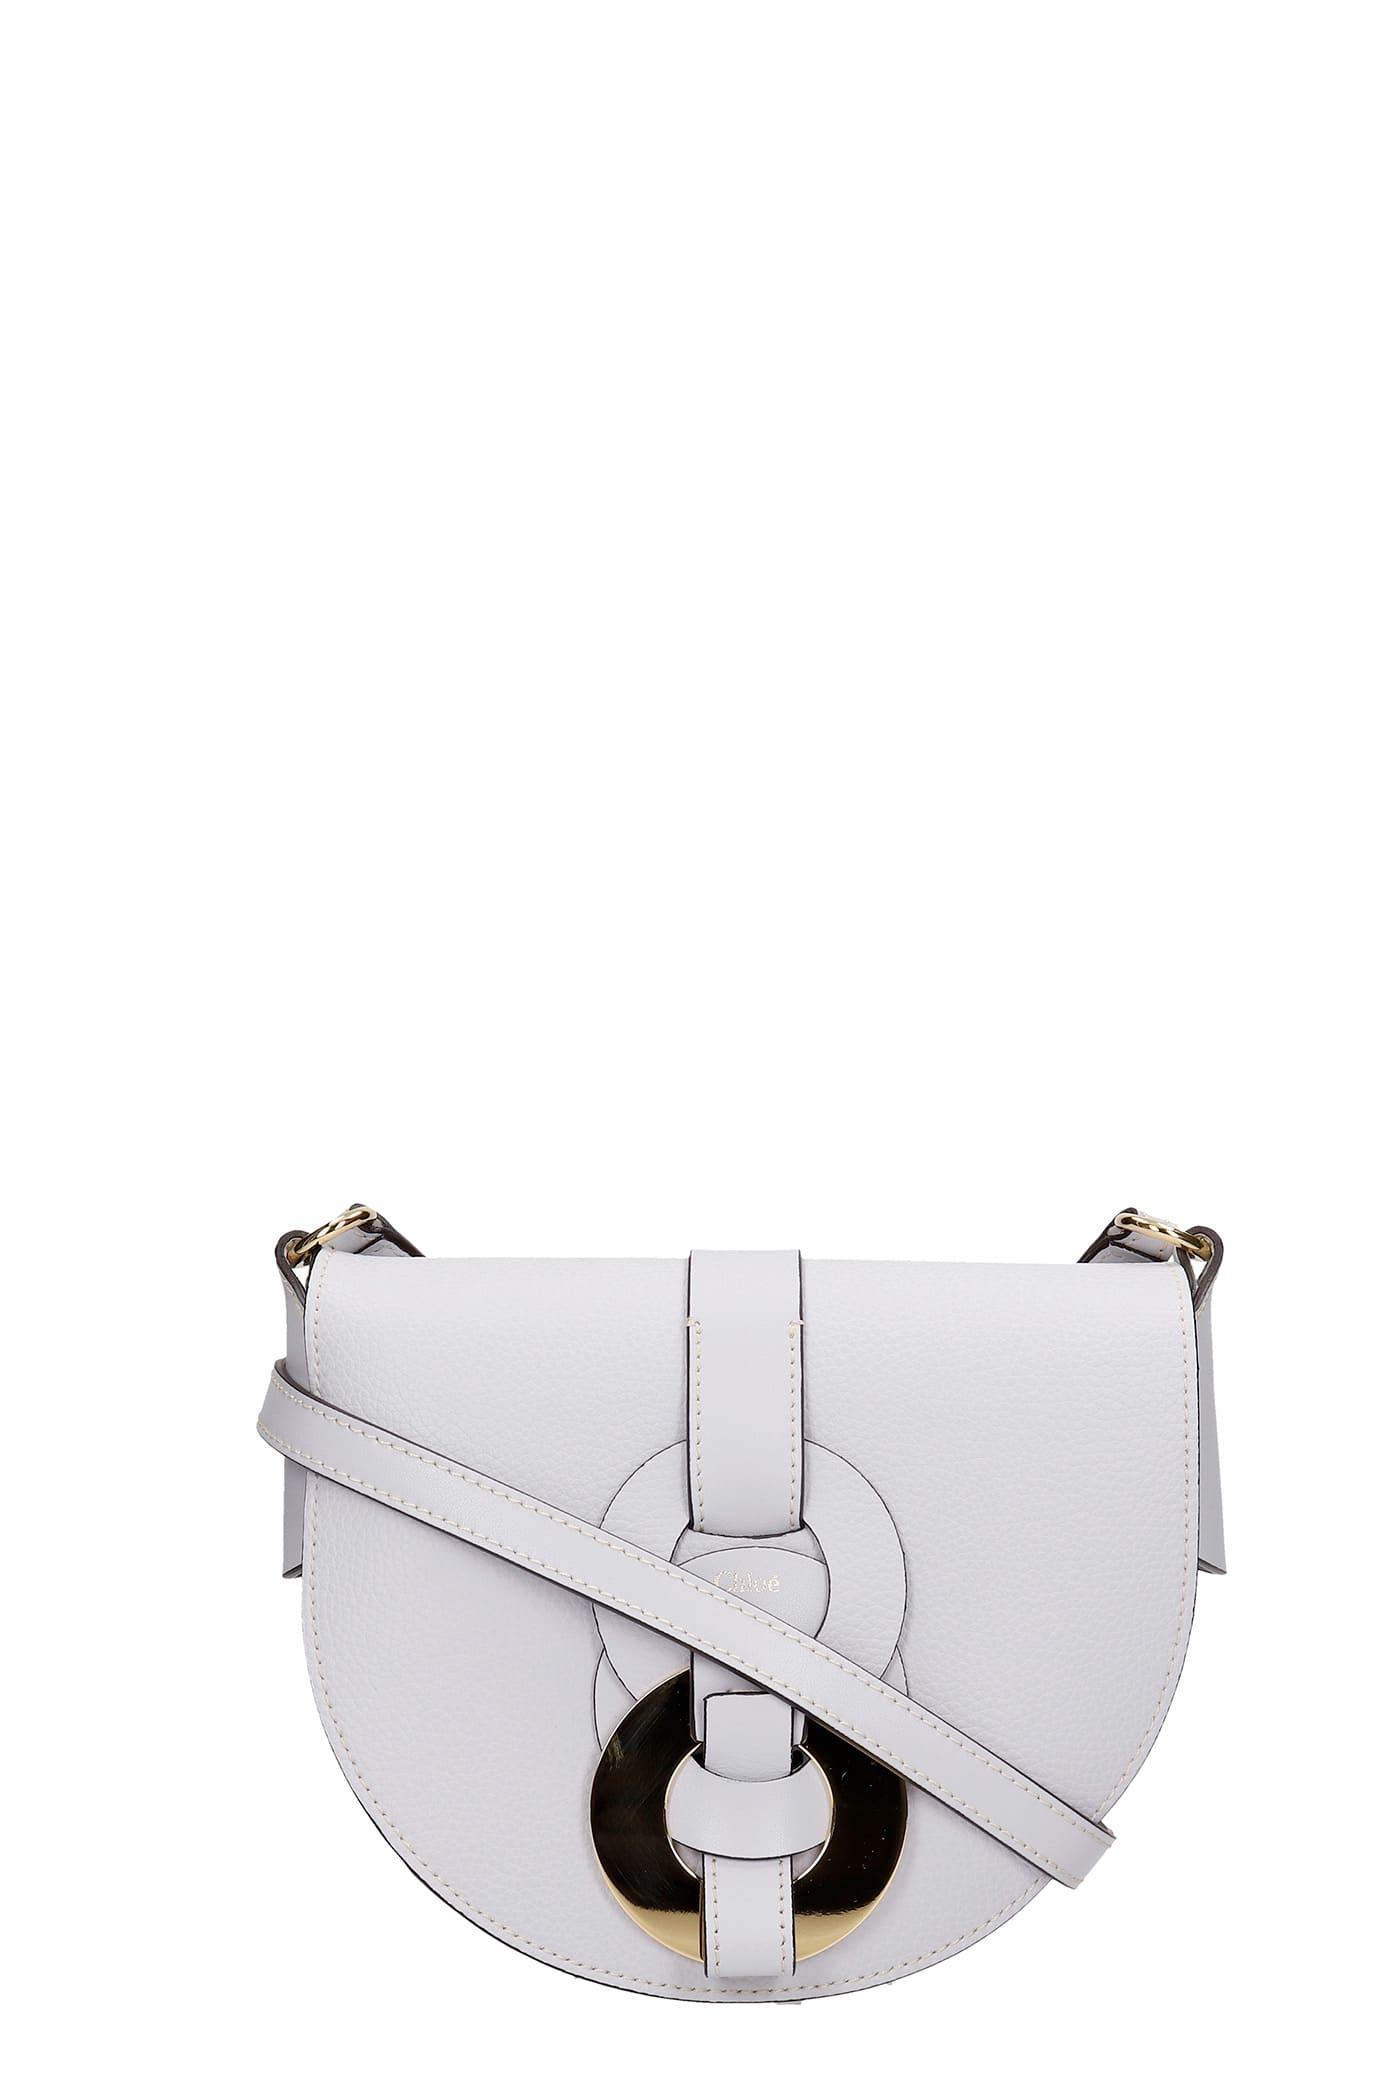 Chloé Shoulder Bag In Grey Leather